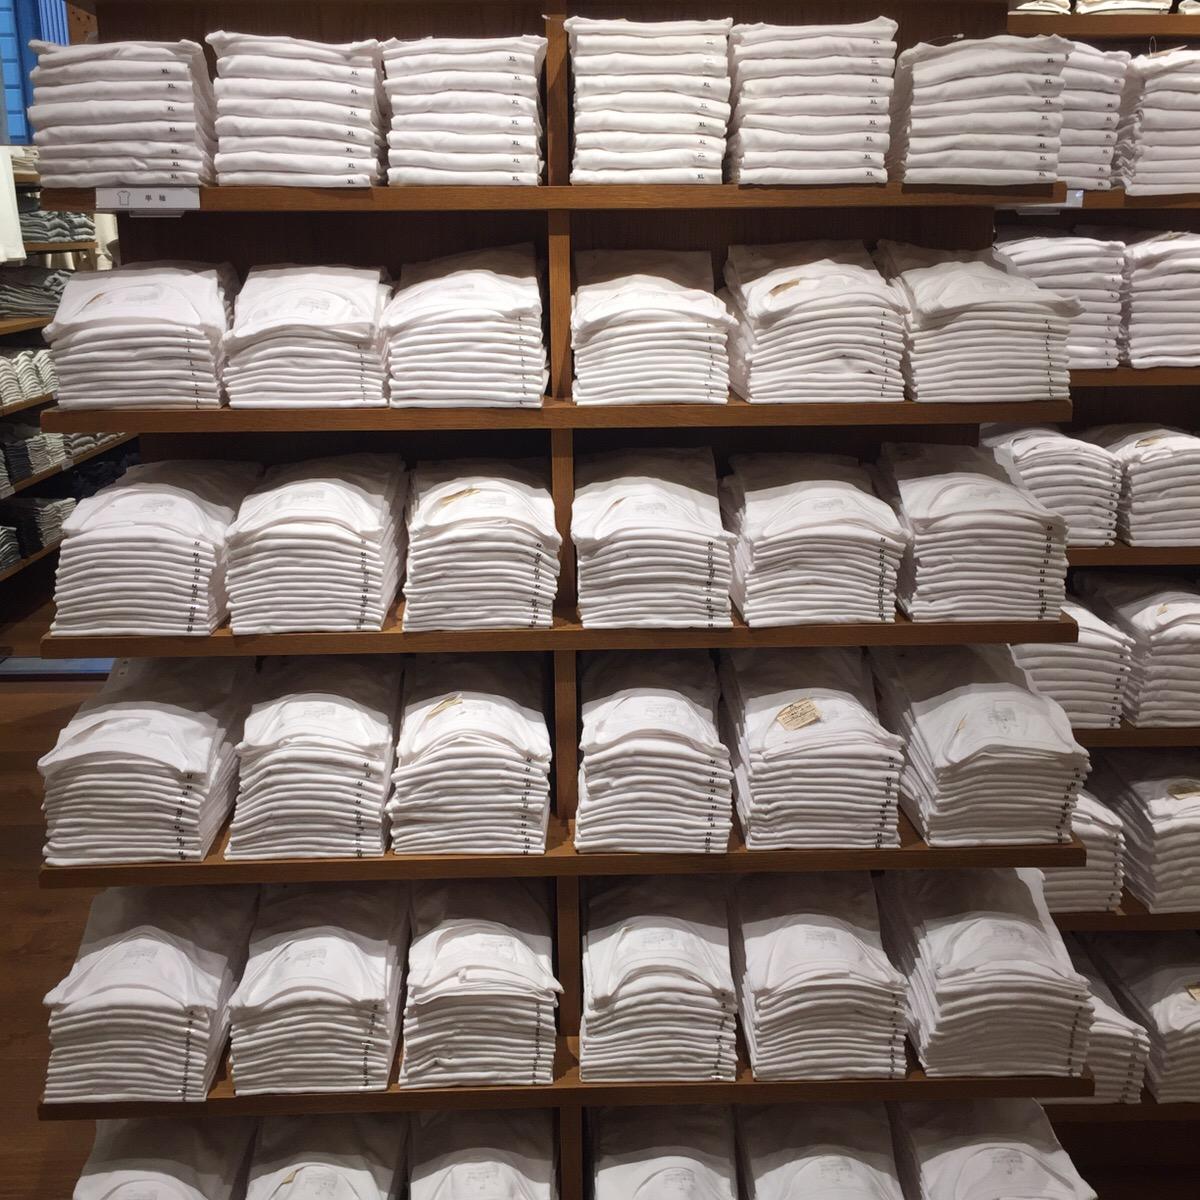 何枚あってもいい白Tシャツ。「インド綿天竺編みクルーネック半袖Tシャツ」¥917。